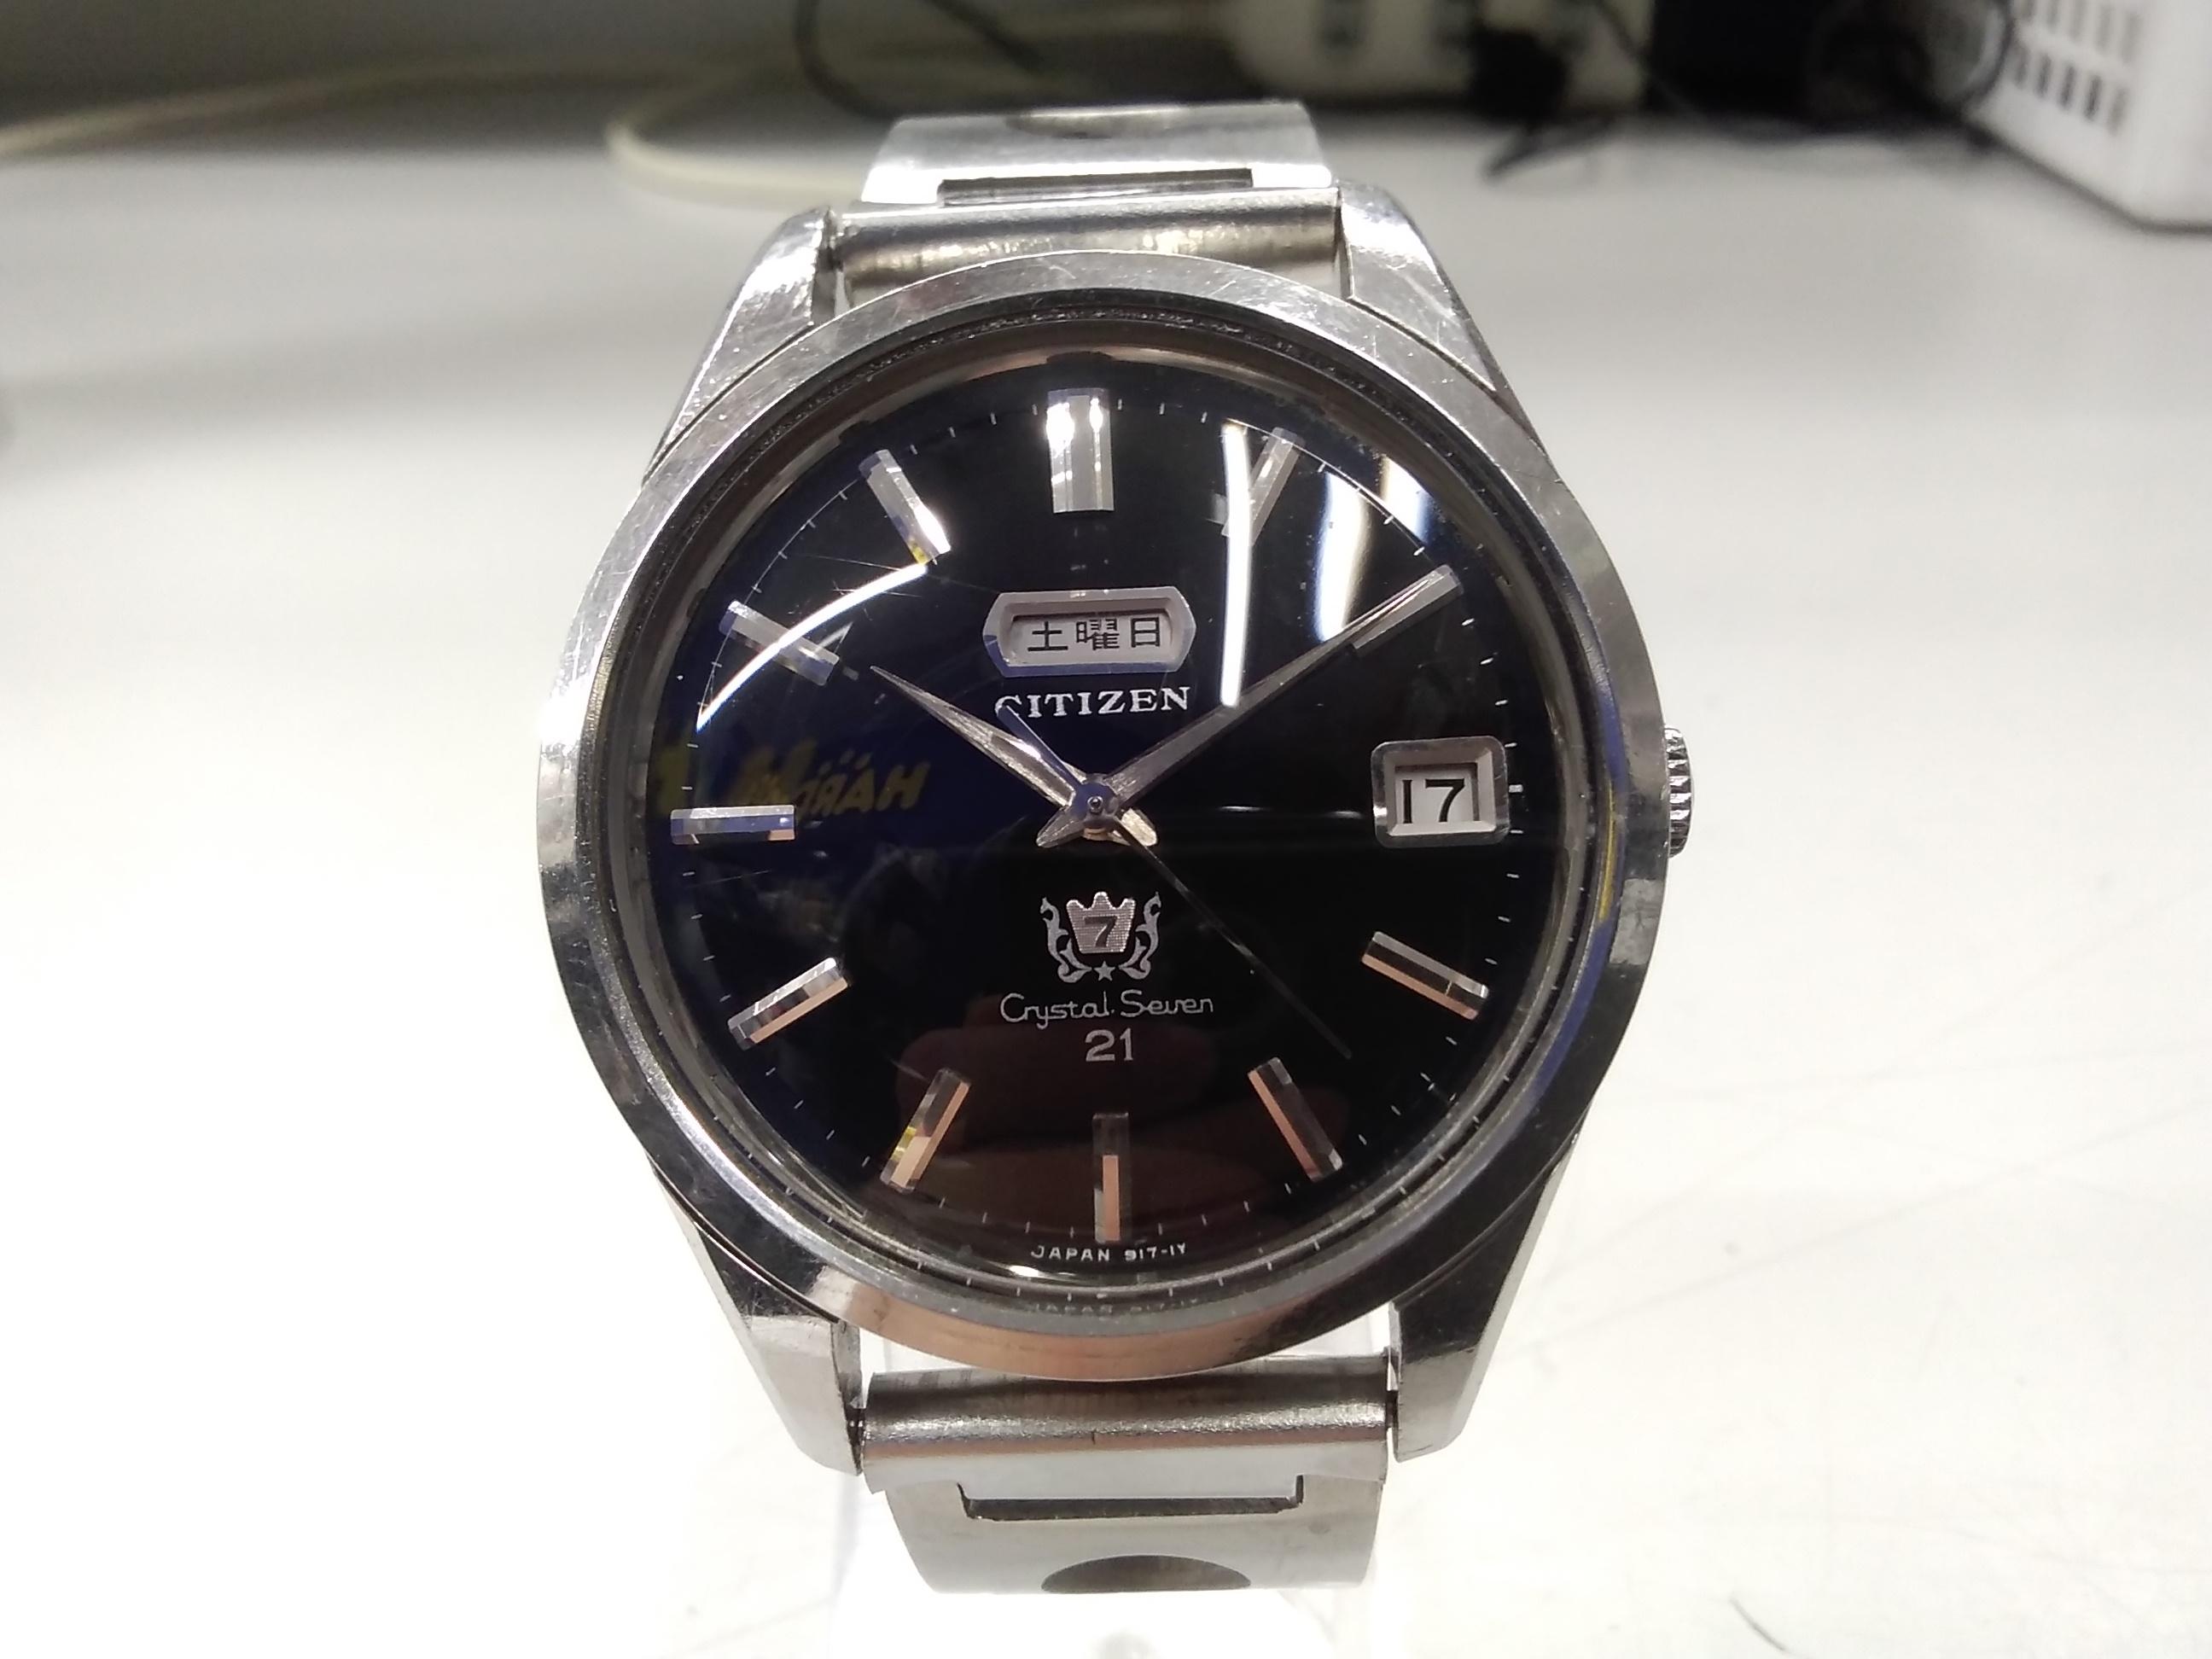 自動巻き腕時計 クリスタルセブン|CITIZEN